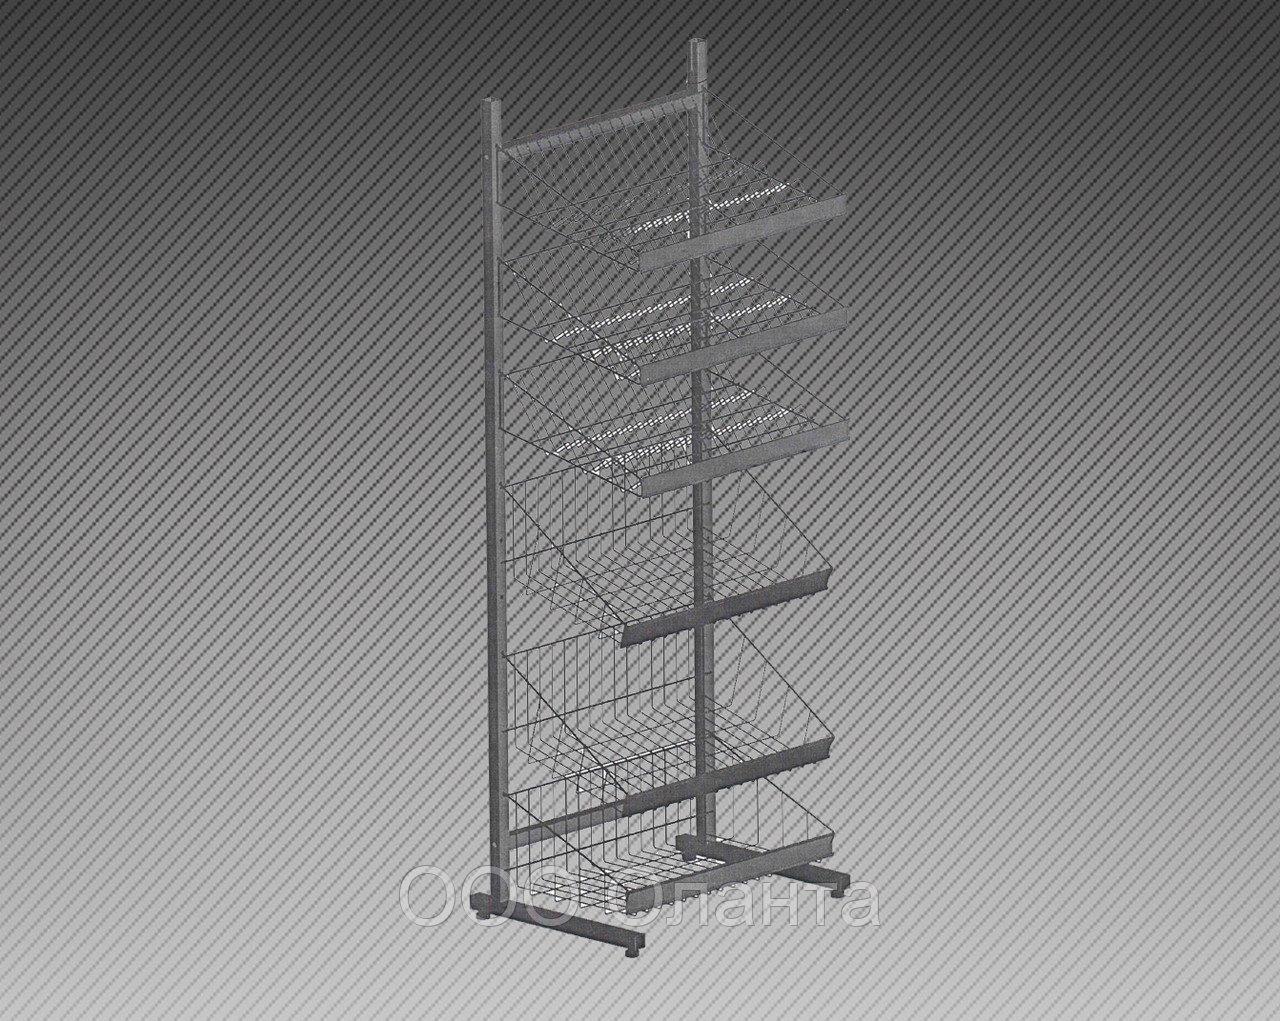 Прикассовая стойка на 6 корзин и 6 полок под шоколад (600х800х1800 мм) арт. СтПр107